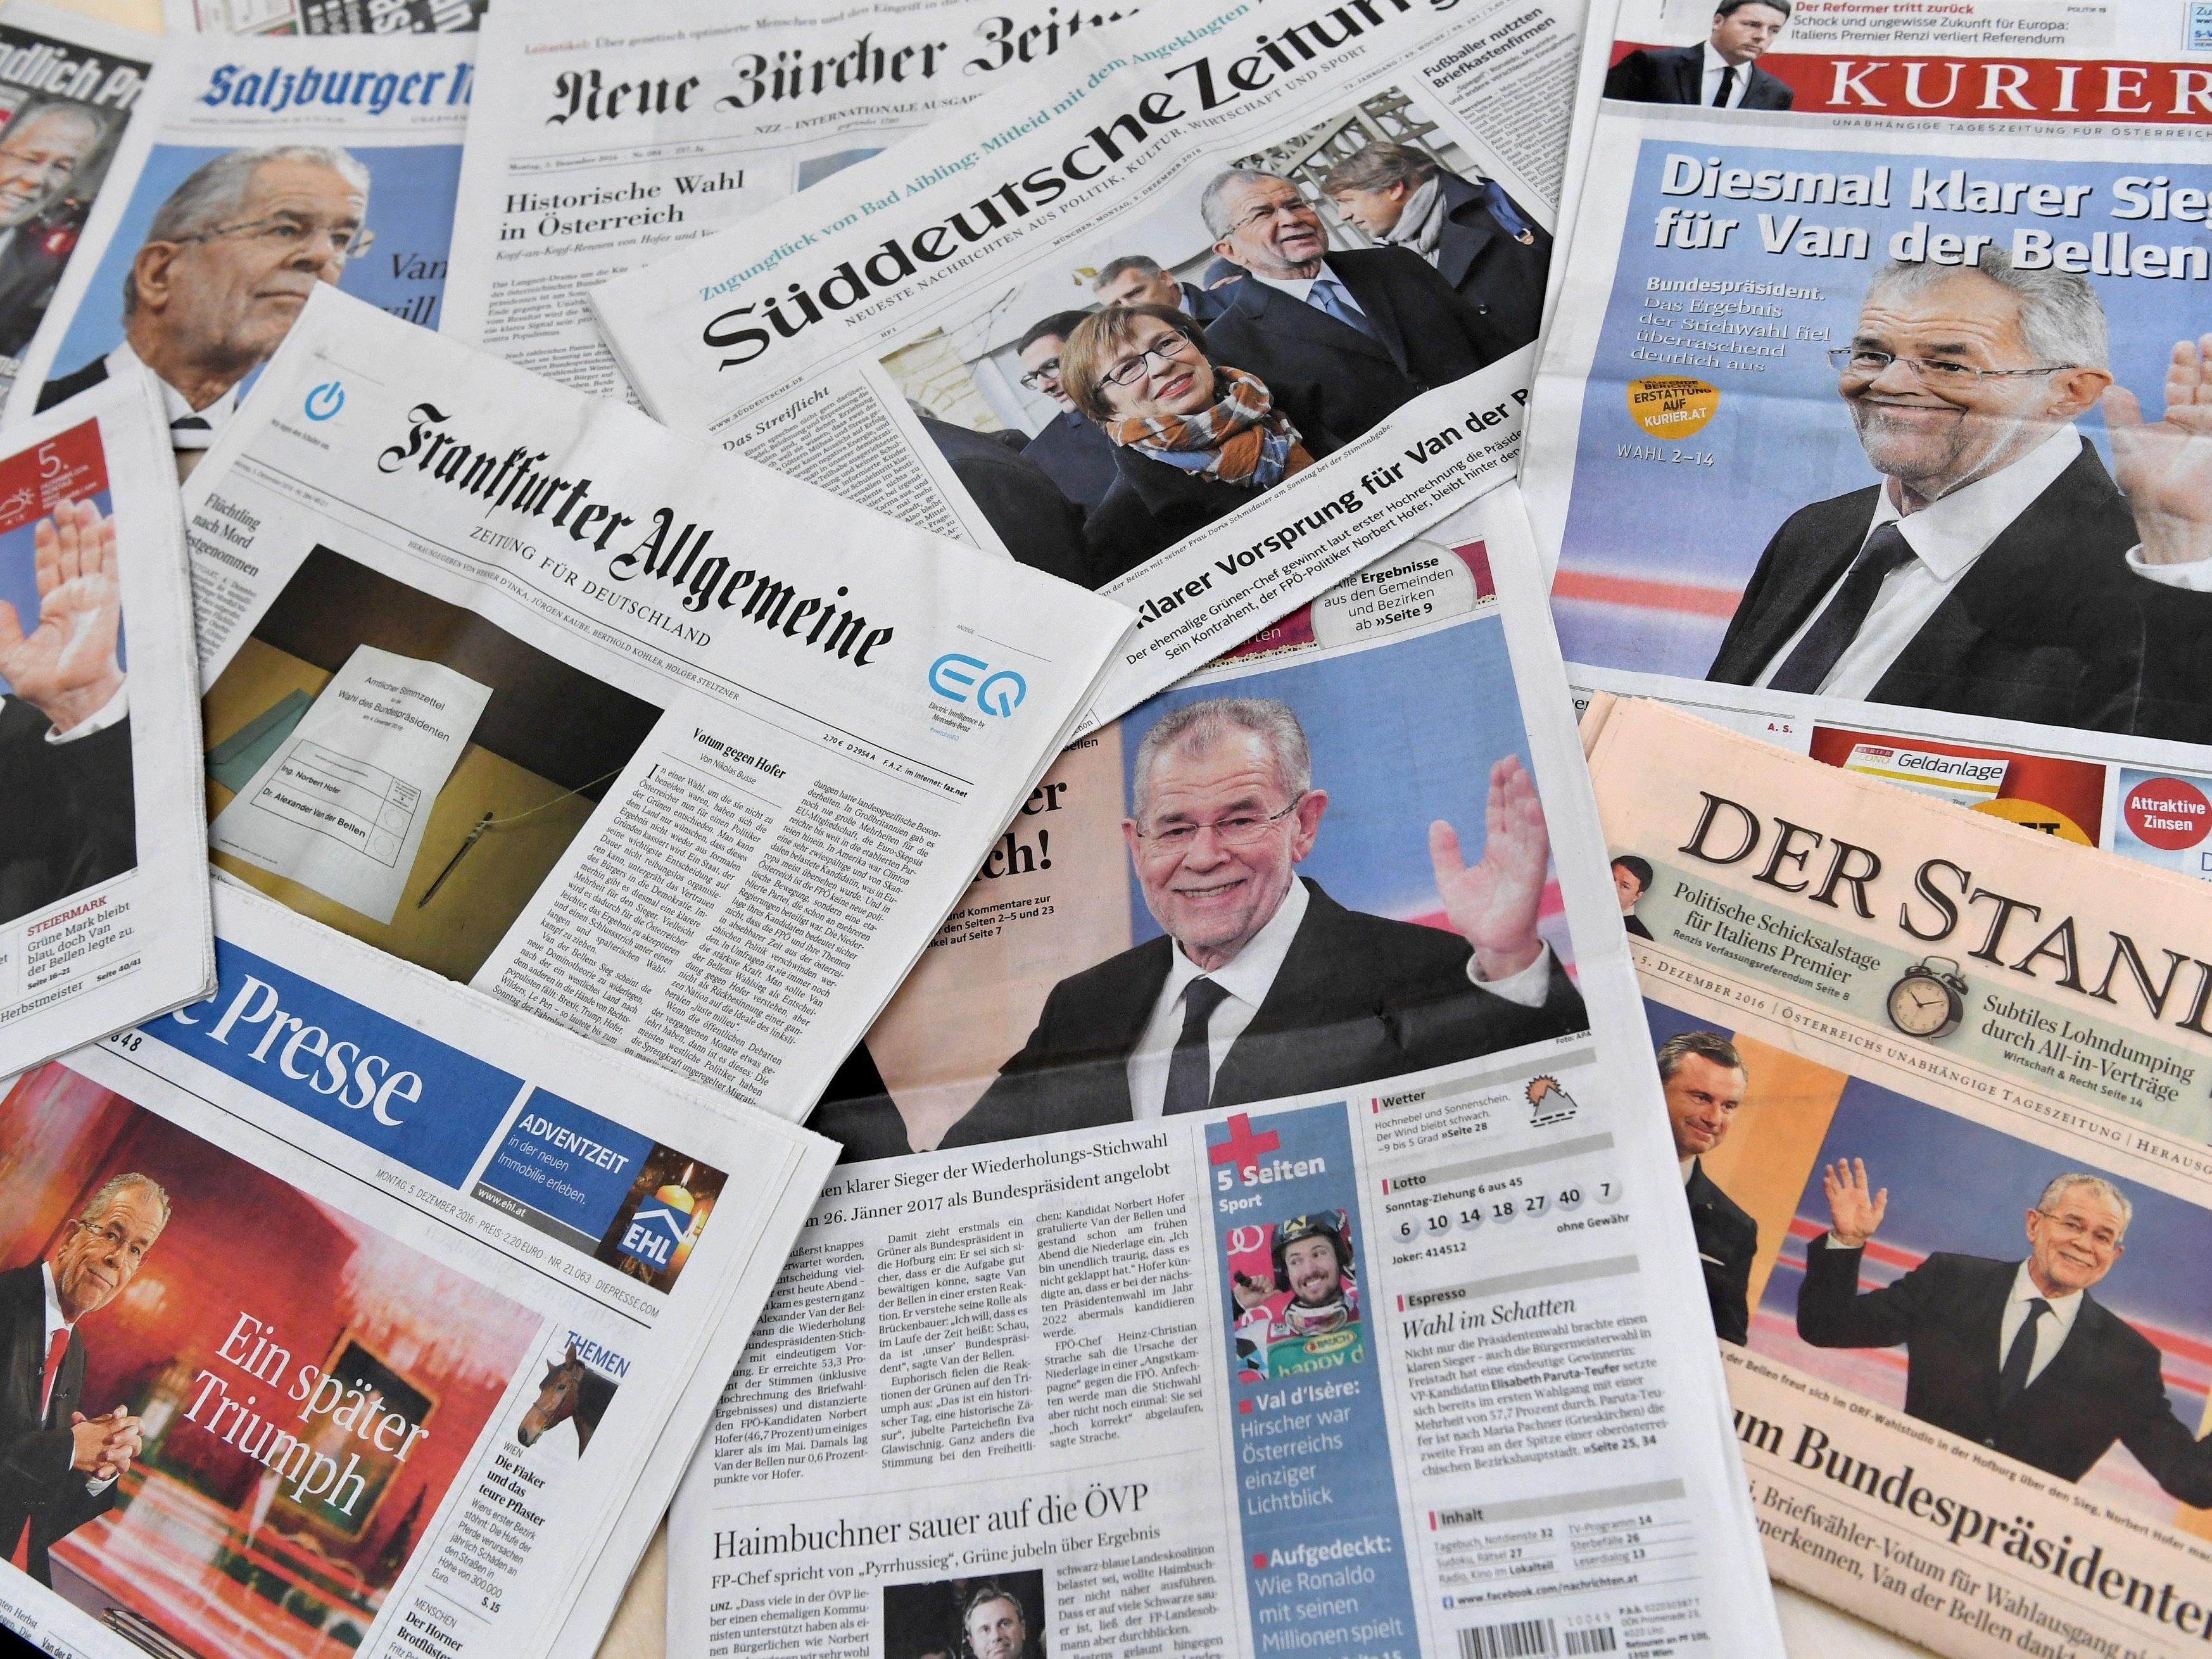 Das Thema der österreichischen Bundespräsidentenwahl beherrschte 2016 die Medien